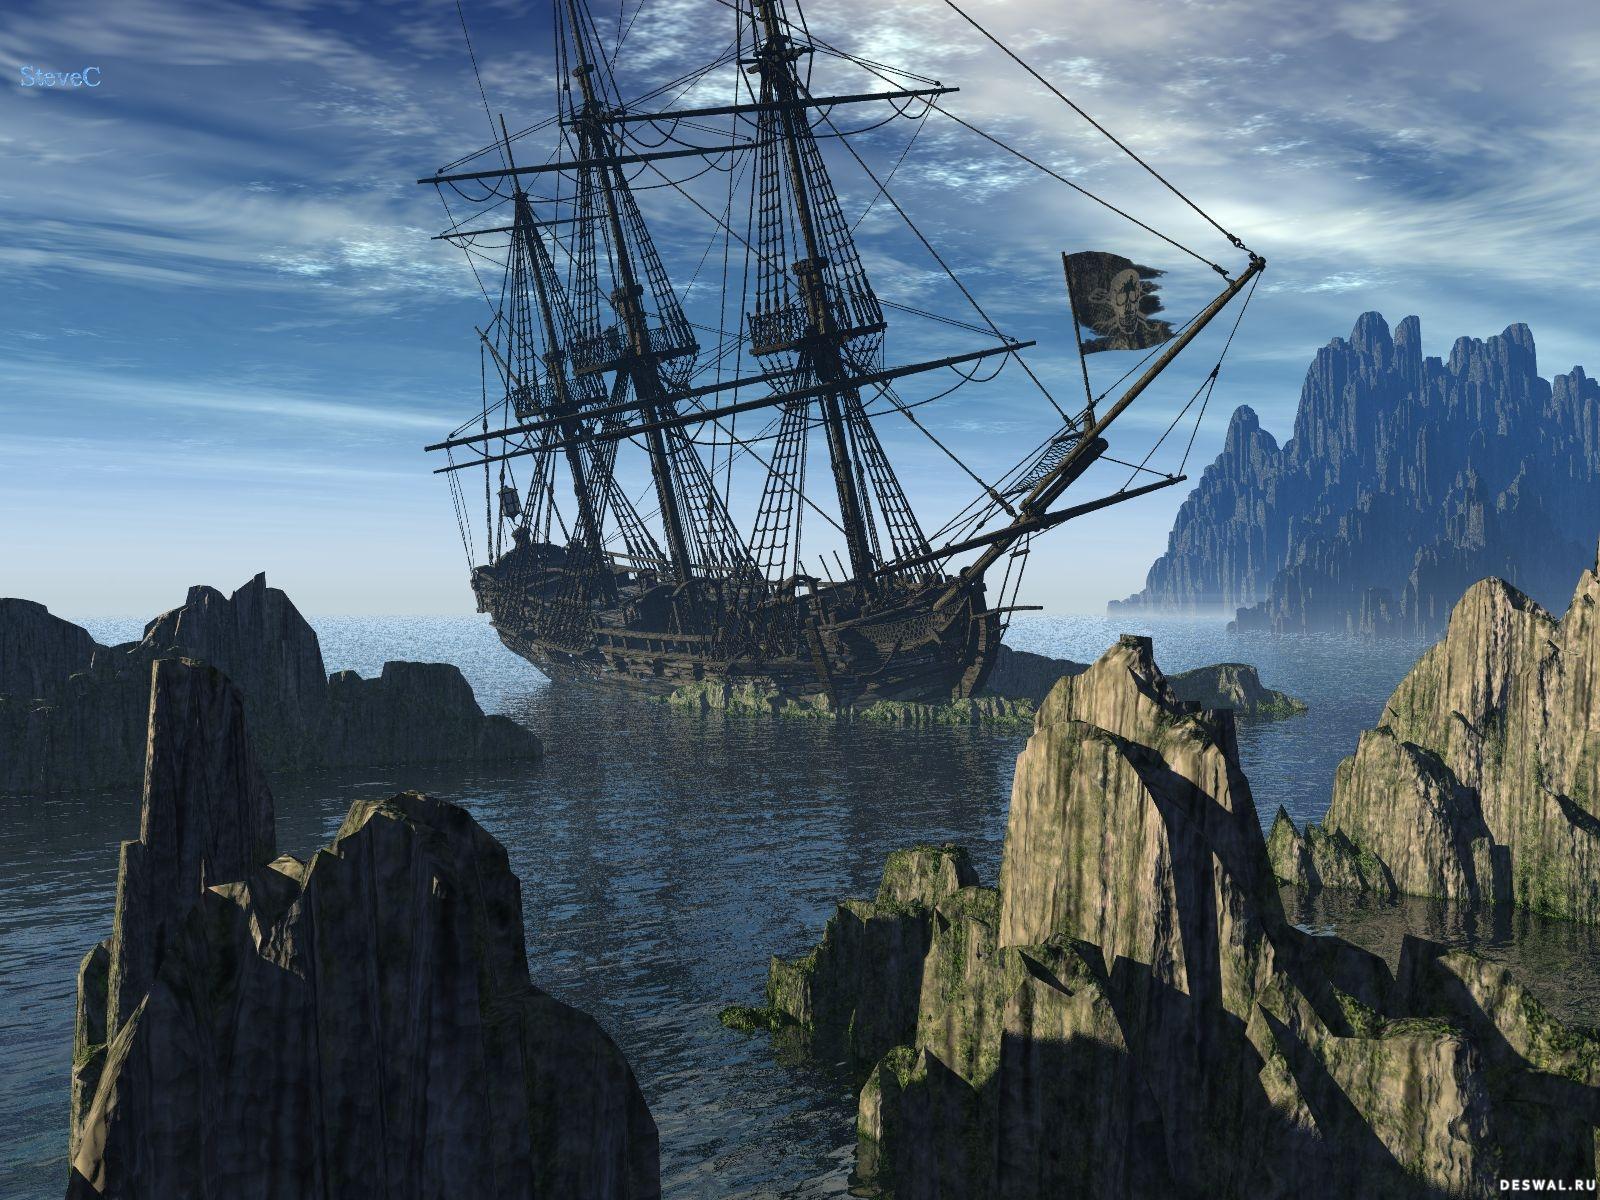 Пиратский корабль, рифы и скалы